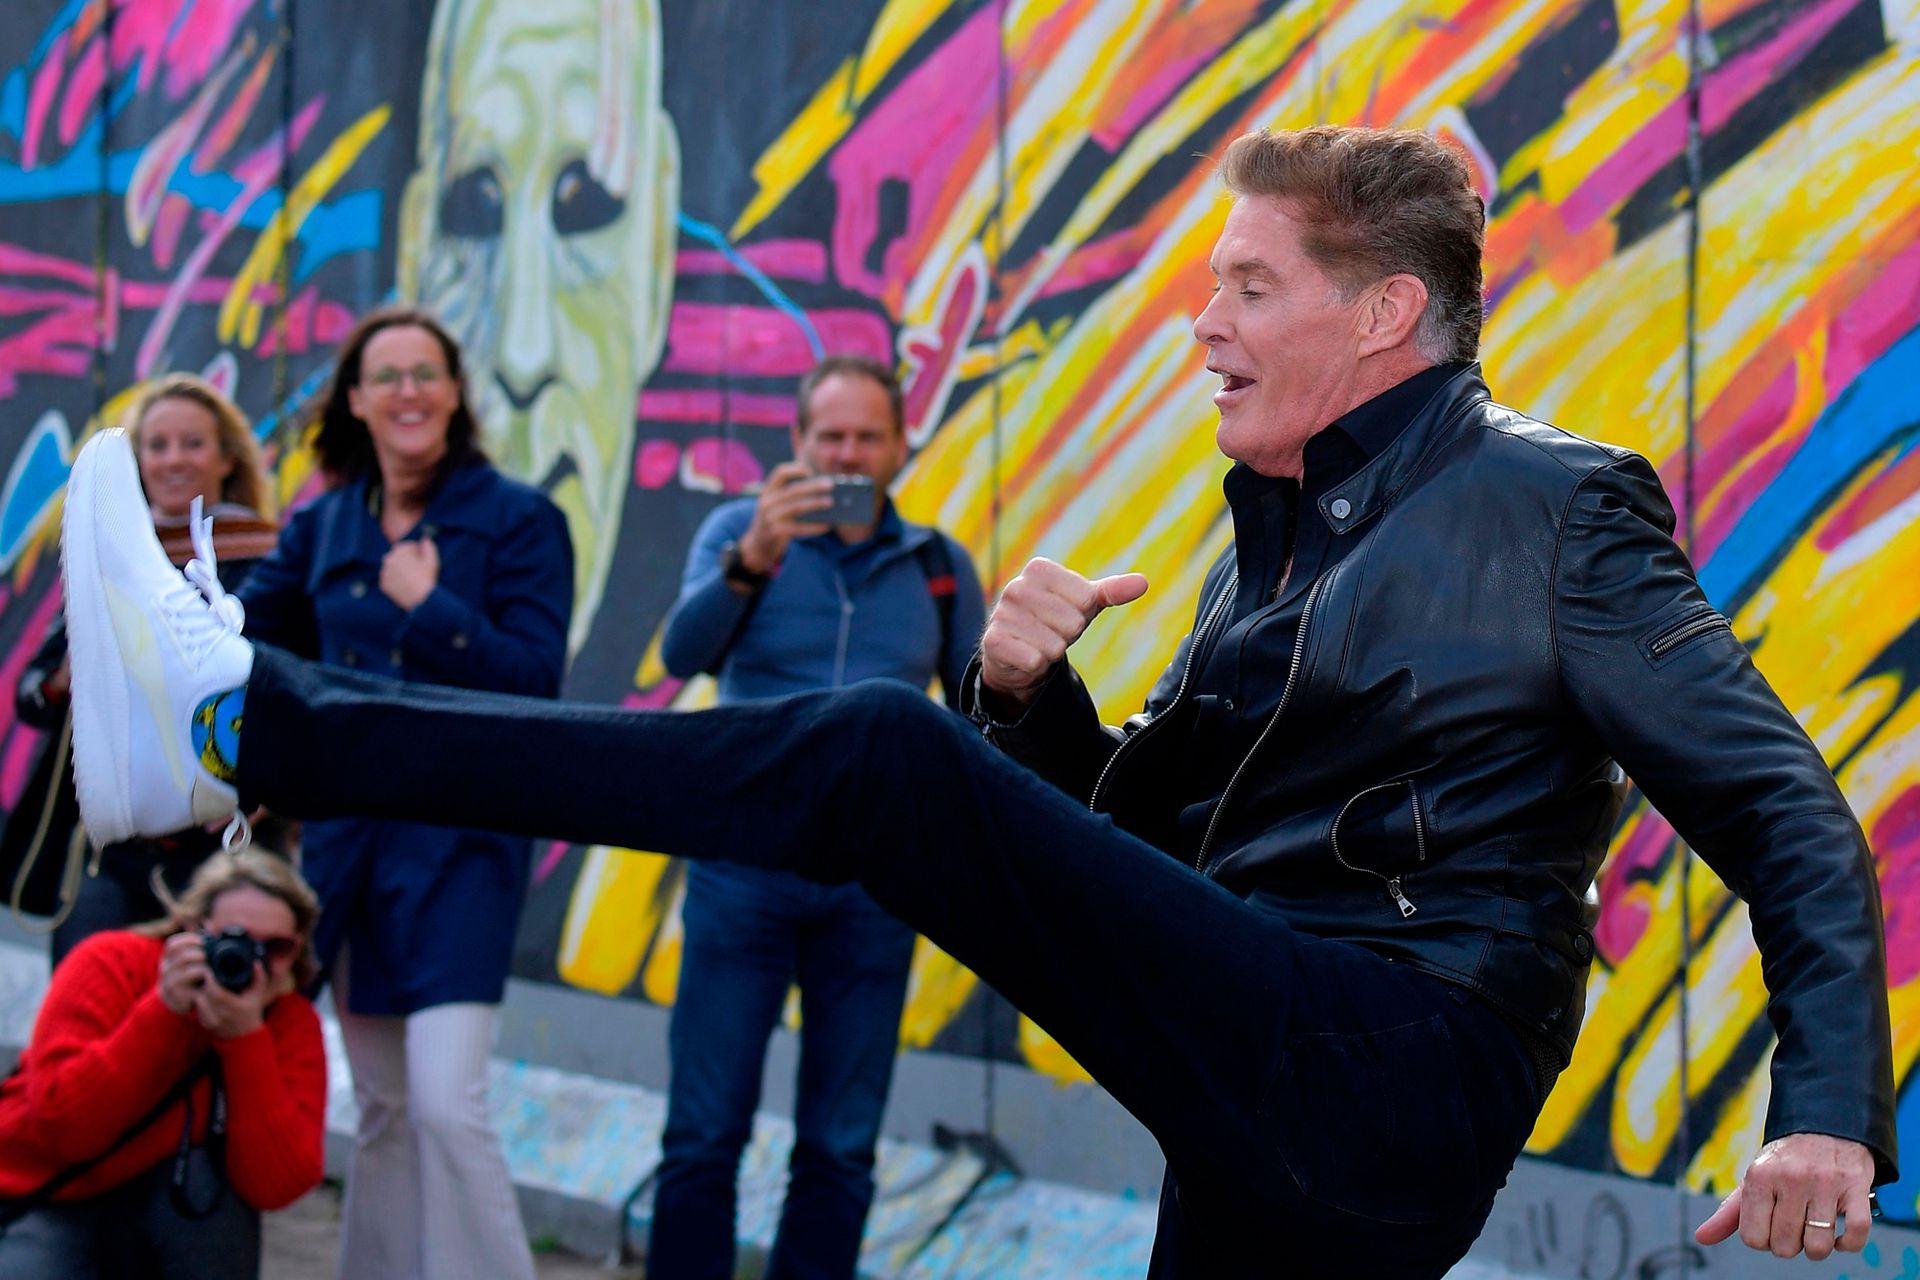 Fiel a su estilo, David Hasselhoff dejó varias postales durante la presentación de su audiolibro Up against the Wall - Mission Mauerfall, con motivo de 30 aniversario de la caída del Muro de Berlín